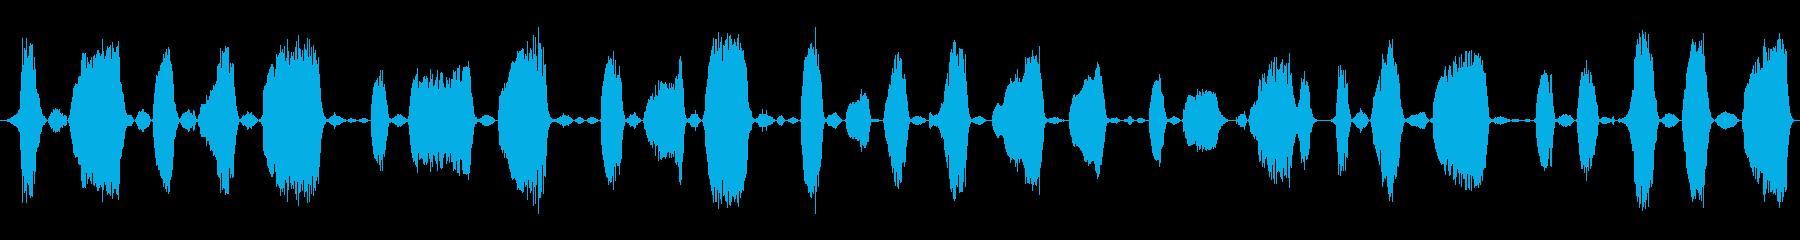 成人男性:苦労するうなり声の再生済みの波形